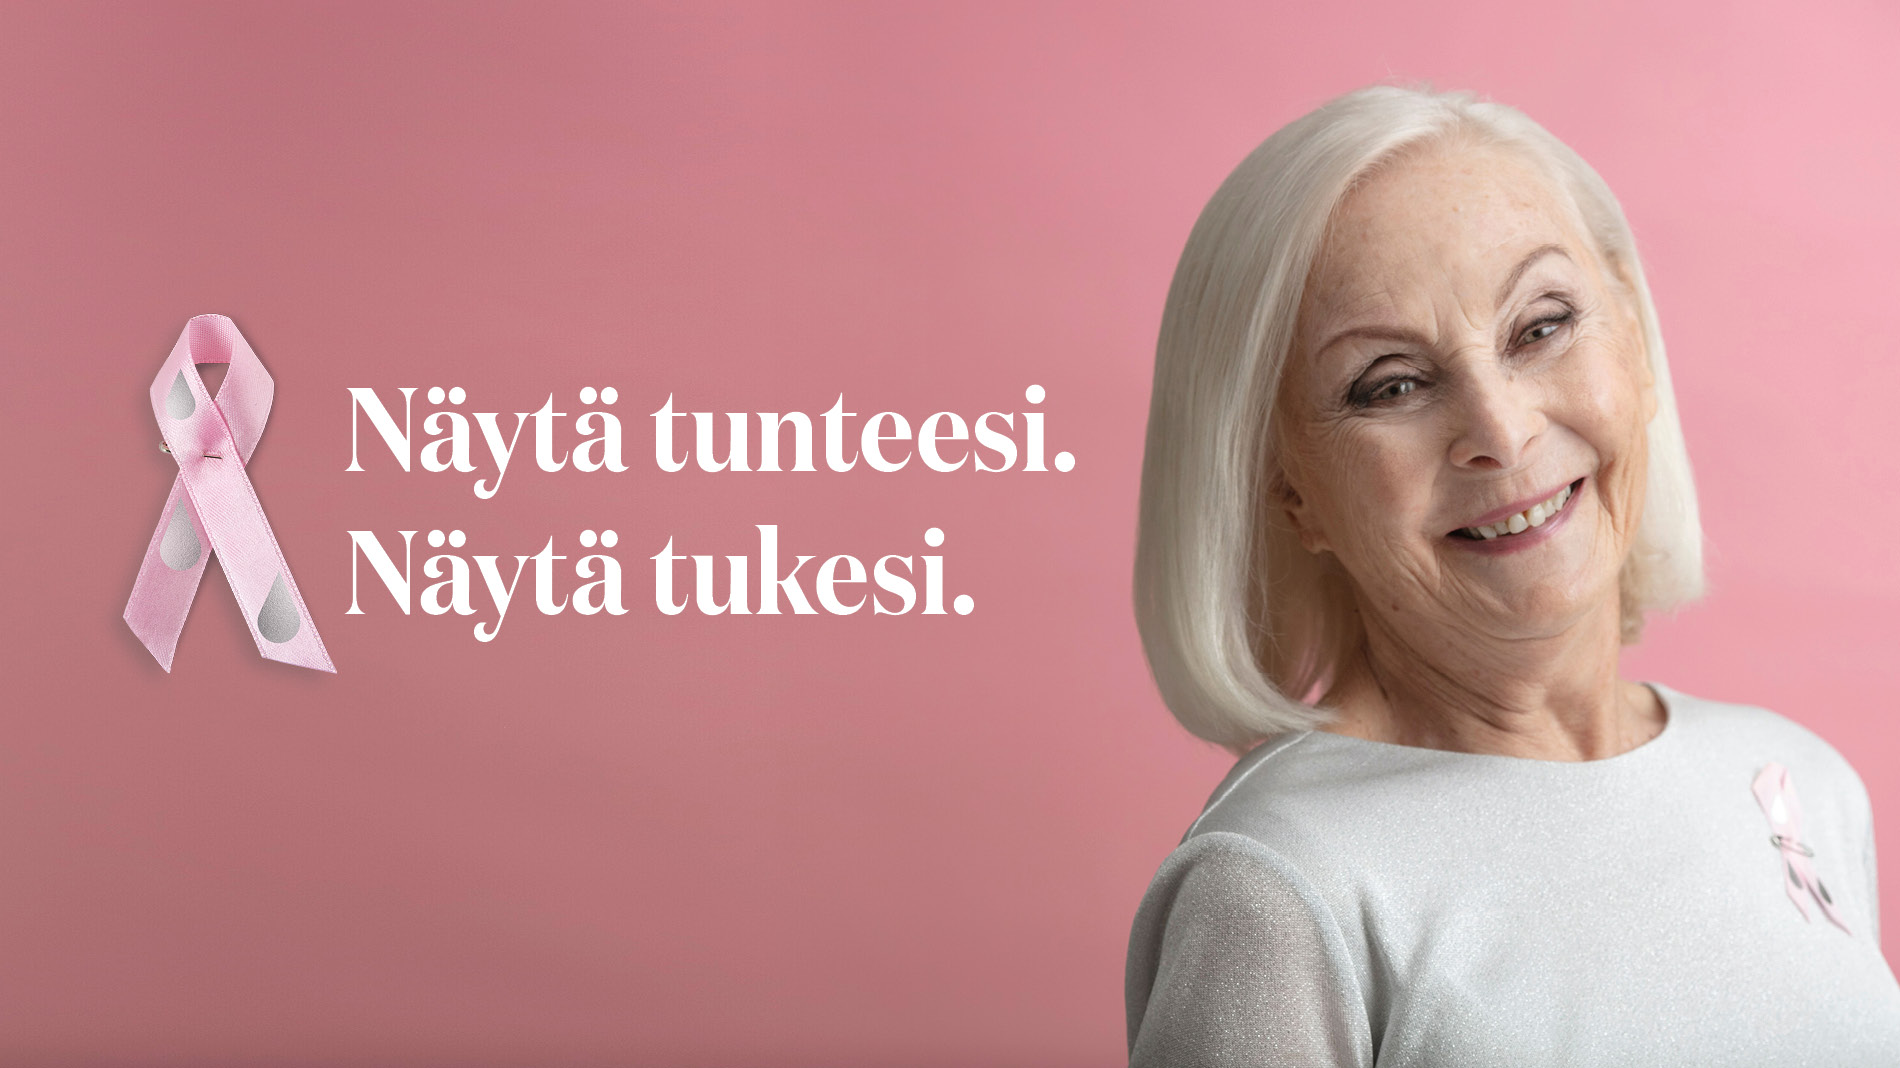 SEELA SELLAHAASTAA JOKAISEN NÄYTTÄMÄÄN TUKENSA ROOSA NAUHALLA